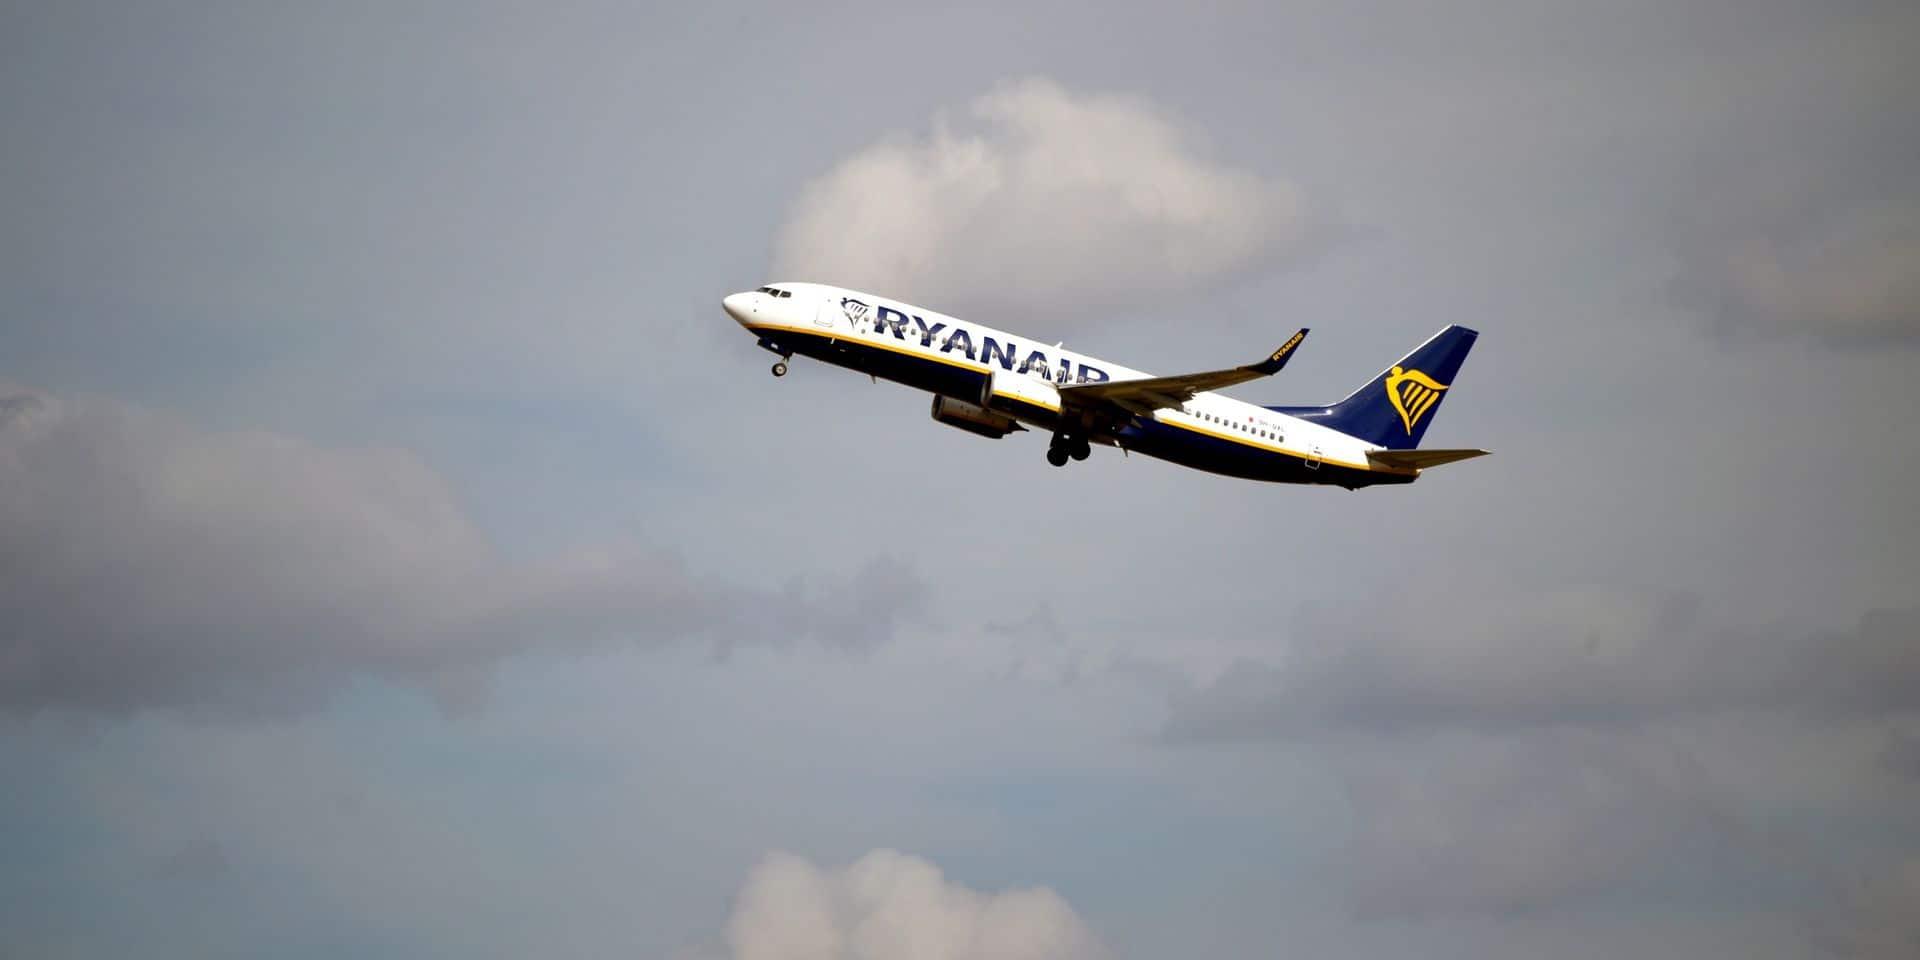 Quelle conséquence l'attaque biélorusse a-t-elle sur les aéroports belges ?